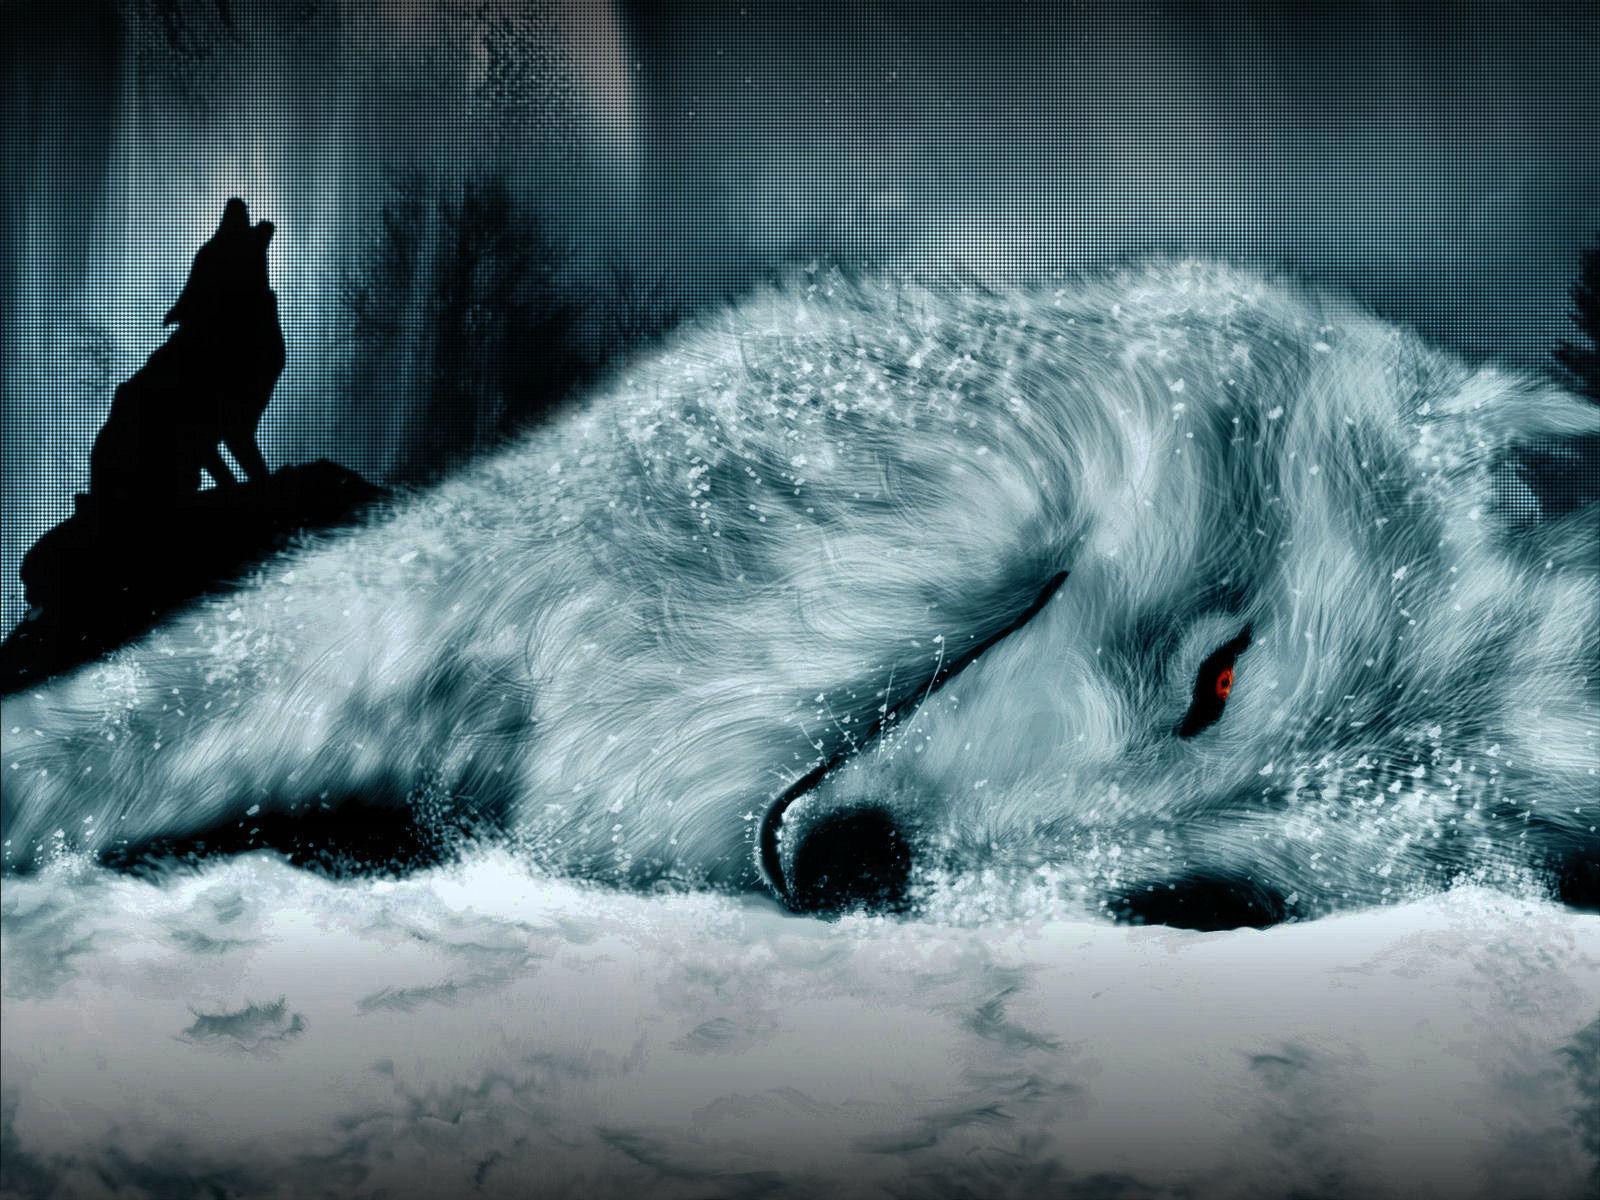 гифка волк одиночка надела